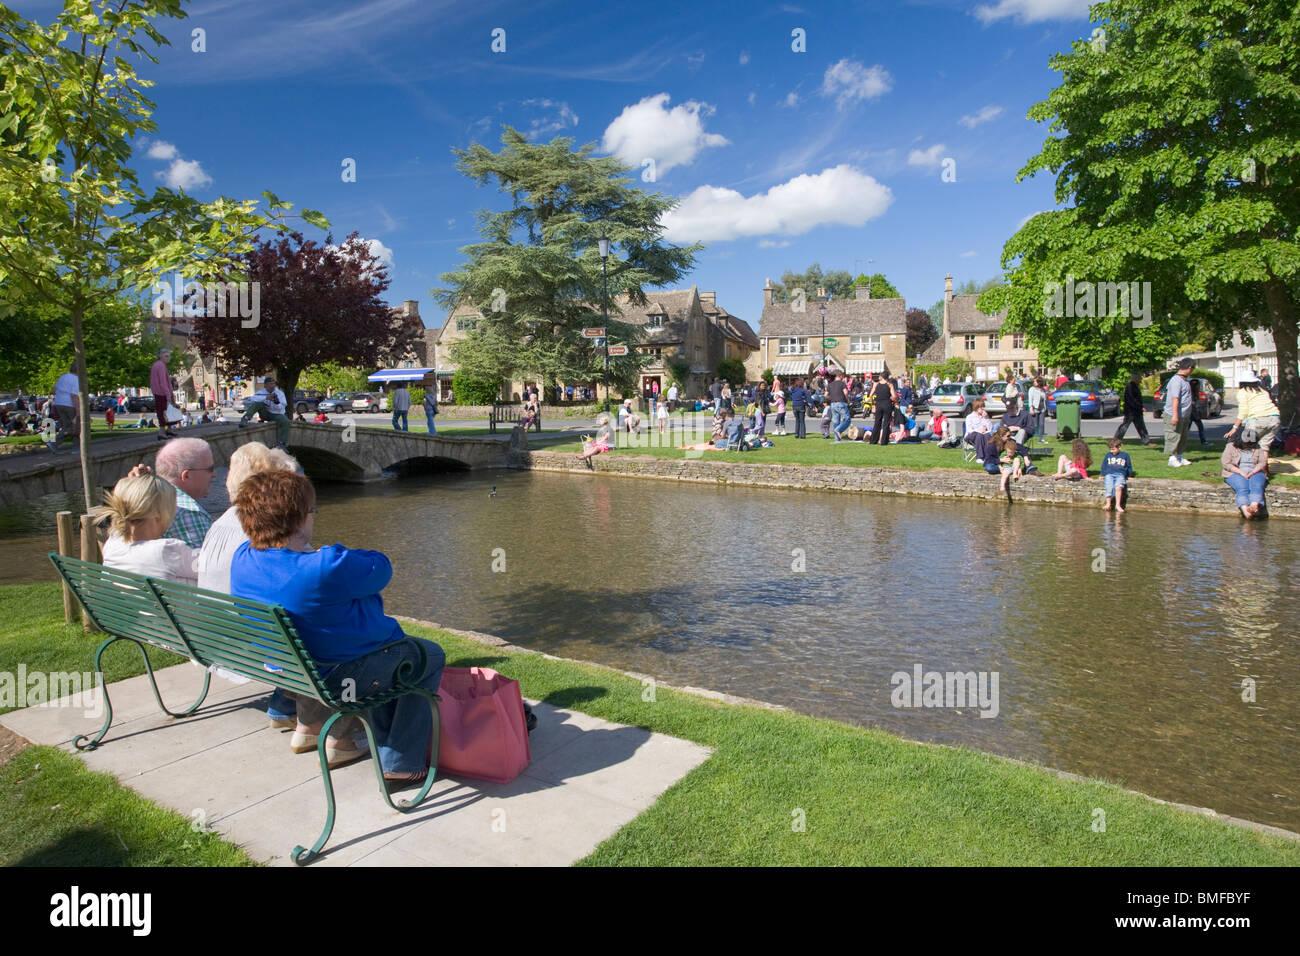 Bourton-on-the-agua village, Cotswolds, Gloucestershire Imagen De Stock